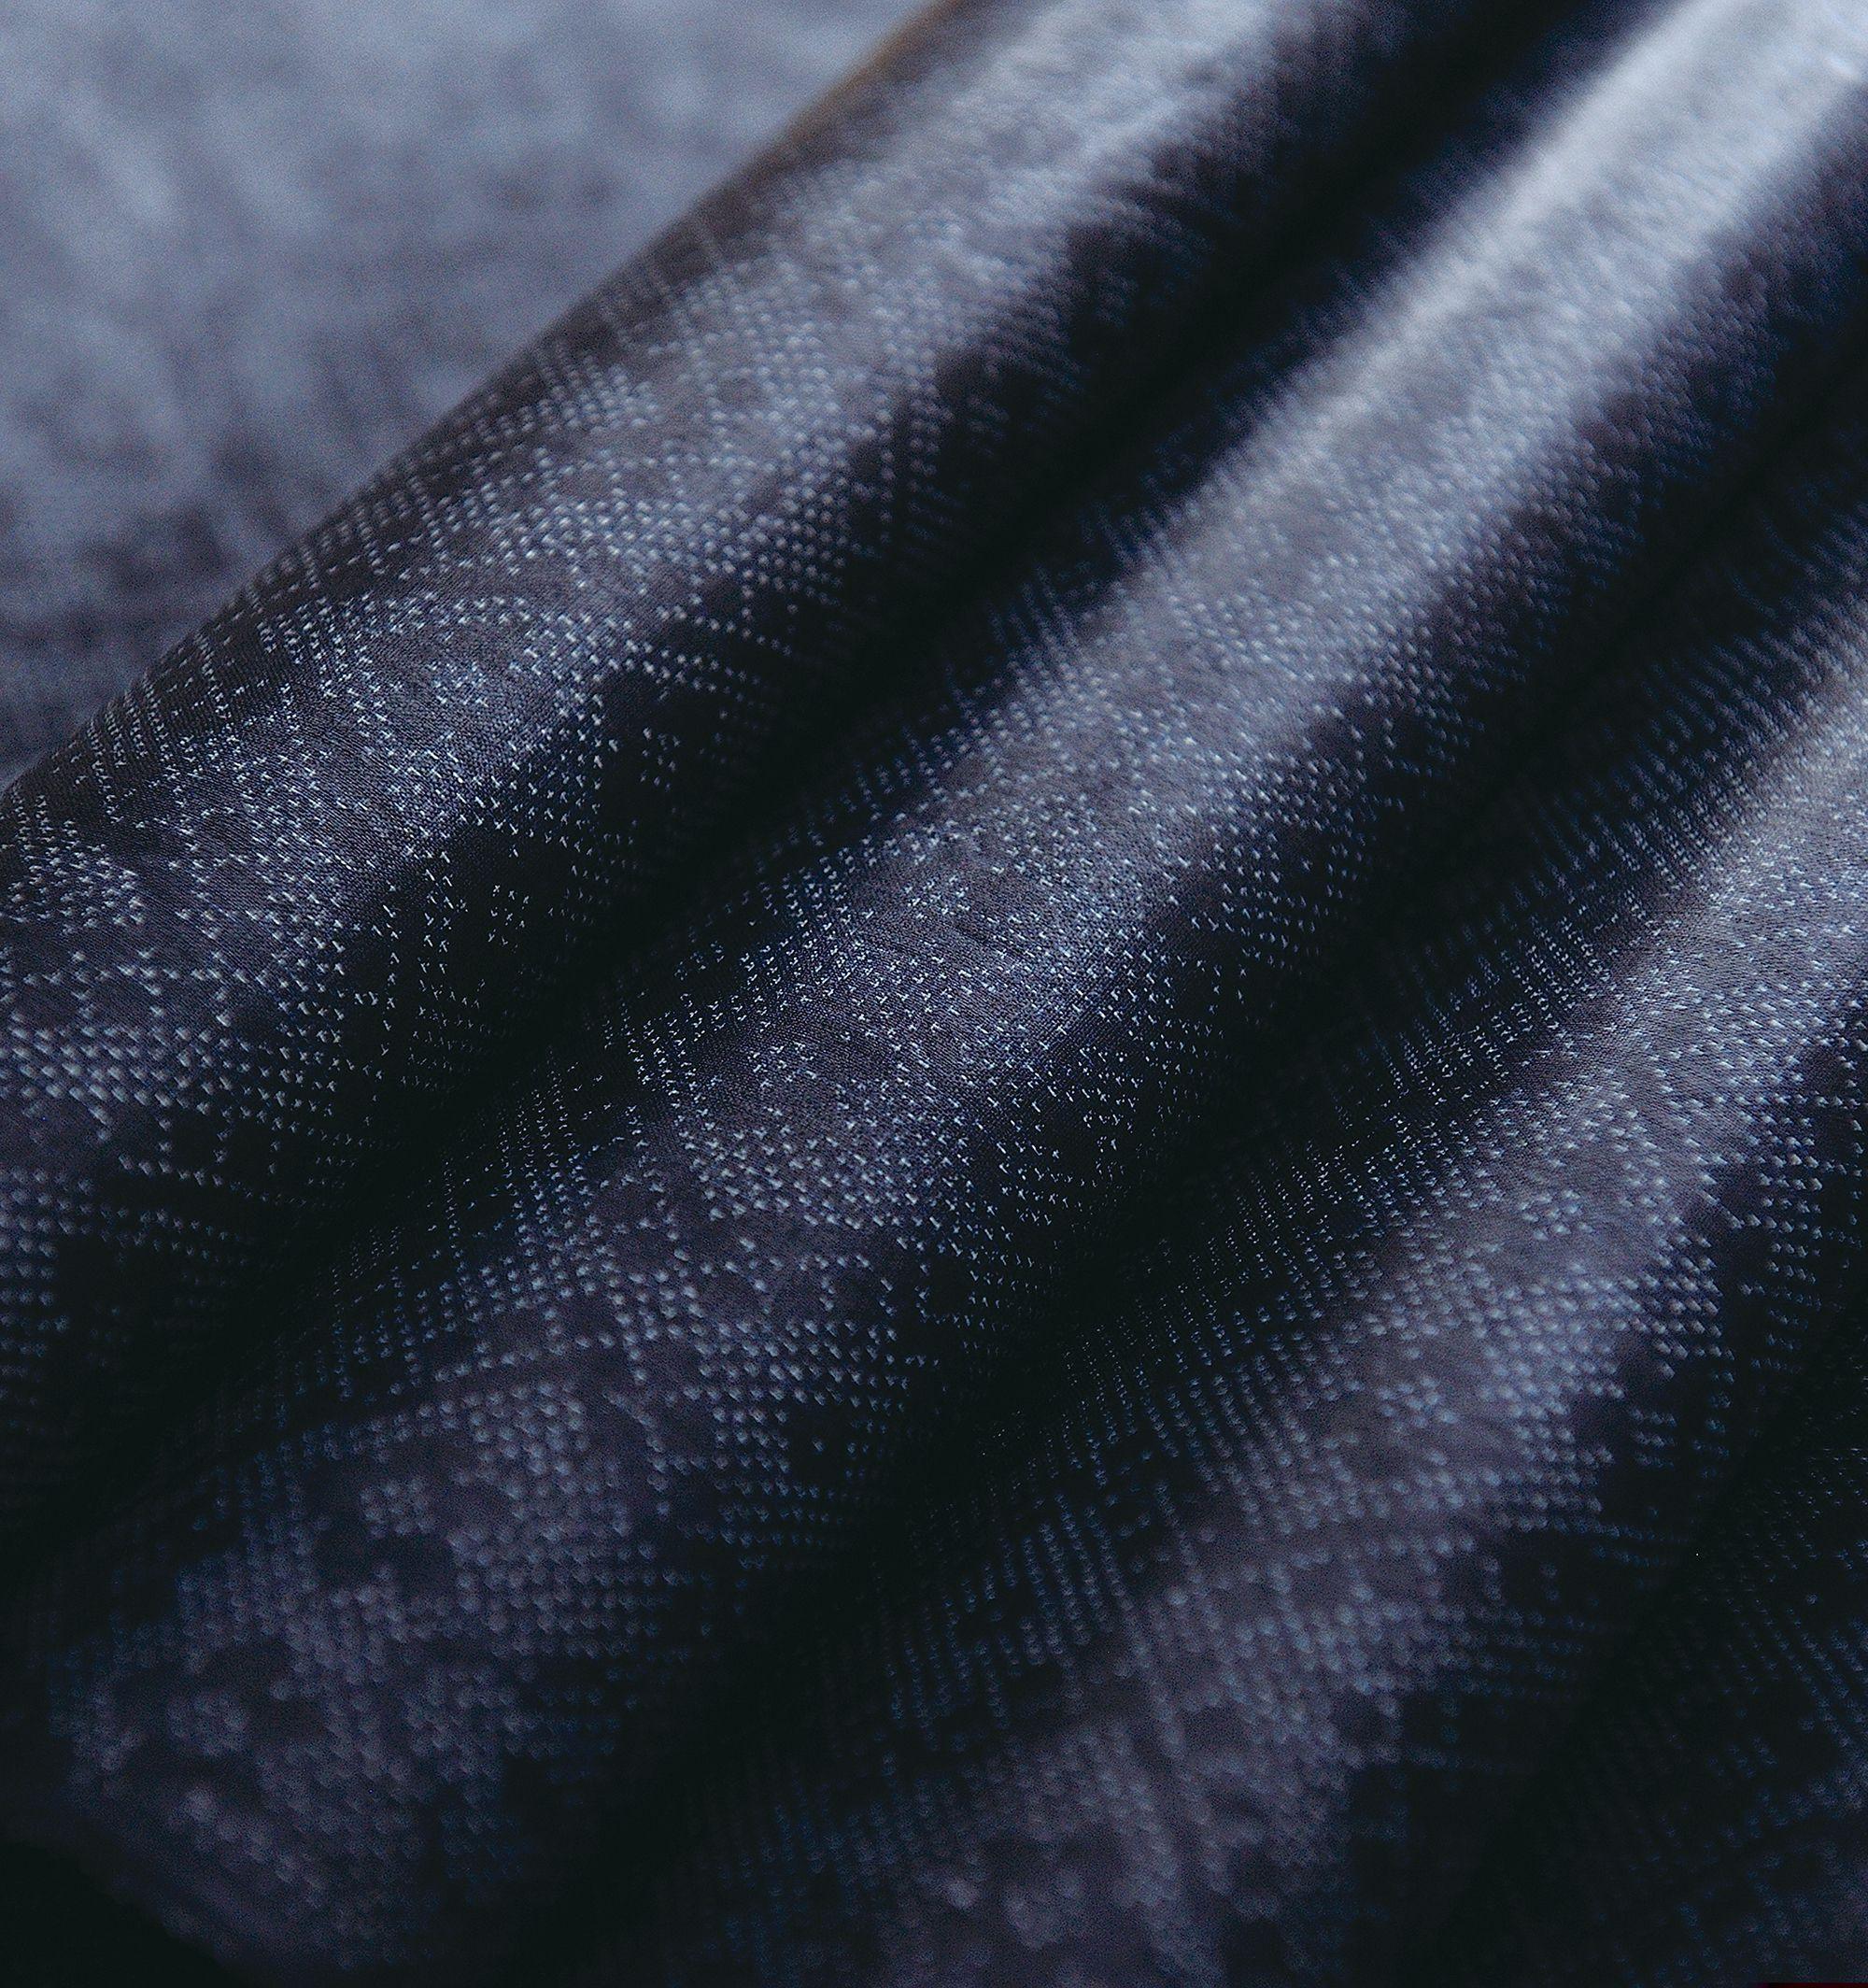 代表的な宮古上布として知られる紺上布。苧麻の糸を藍で染め、白く小さな十字絣で文様が構成される。写真提供:NPO法人織の海道実行委員会